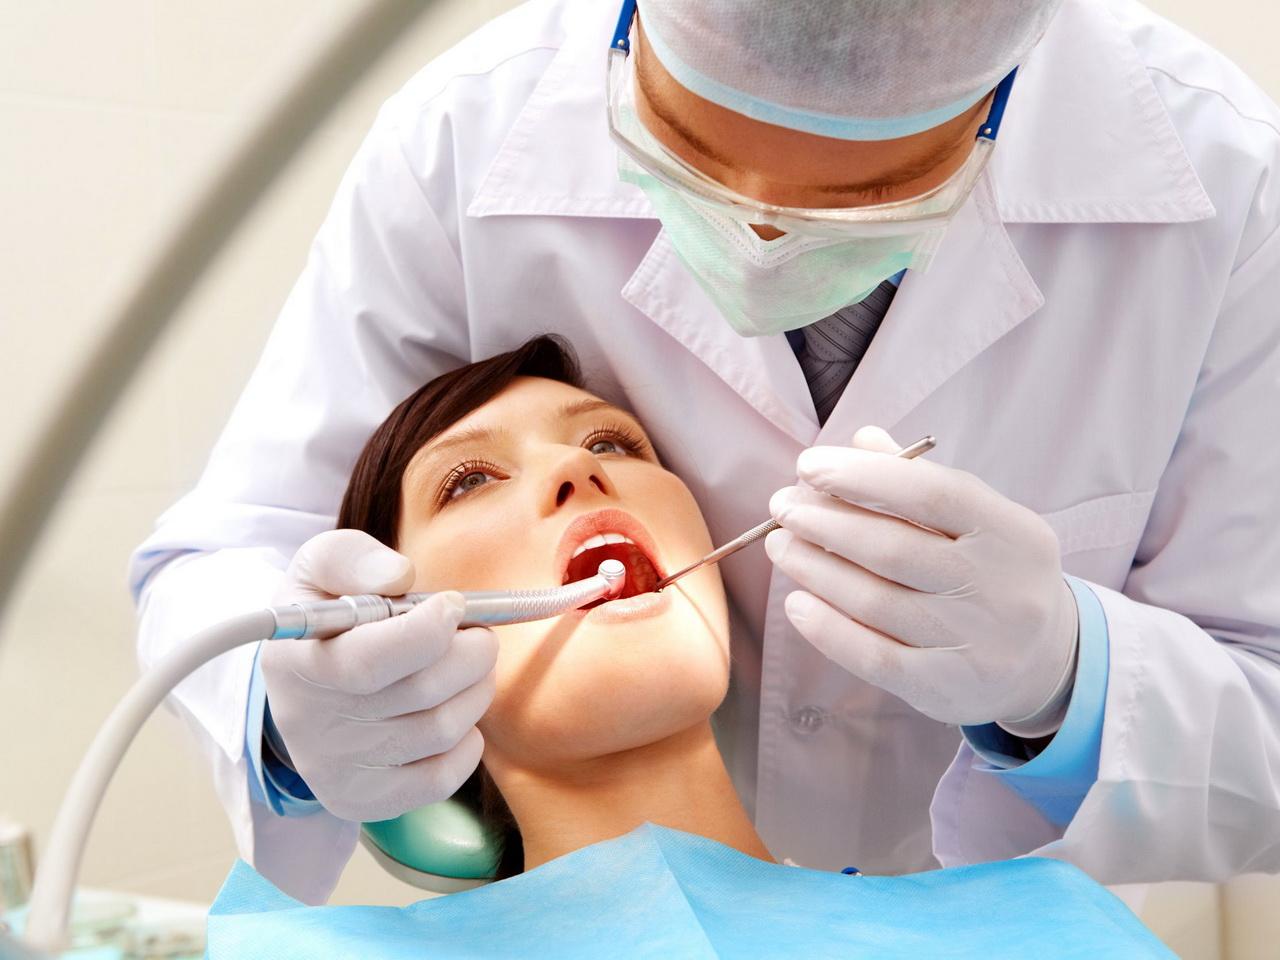 Стоматолог в Махачкале работал без лицензии